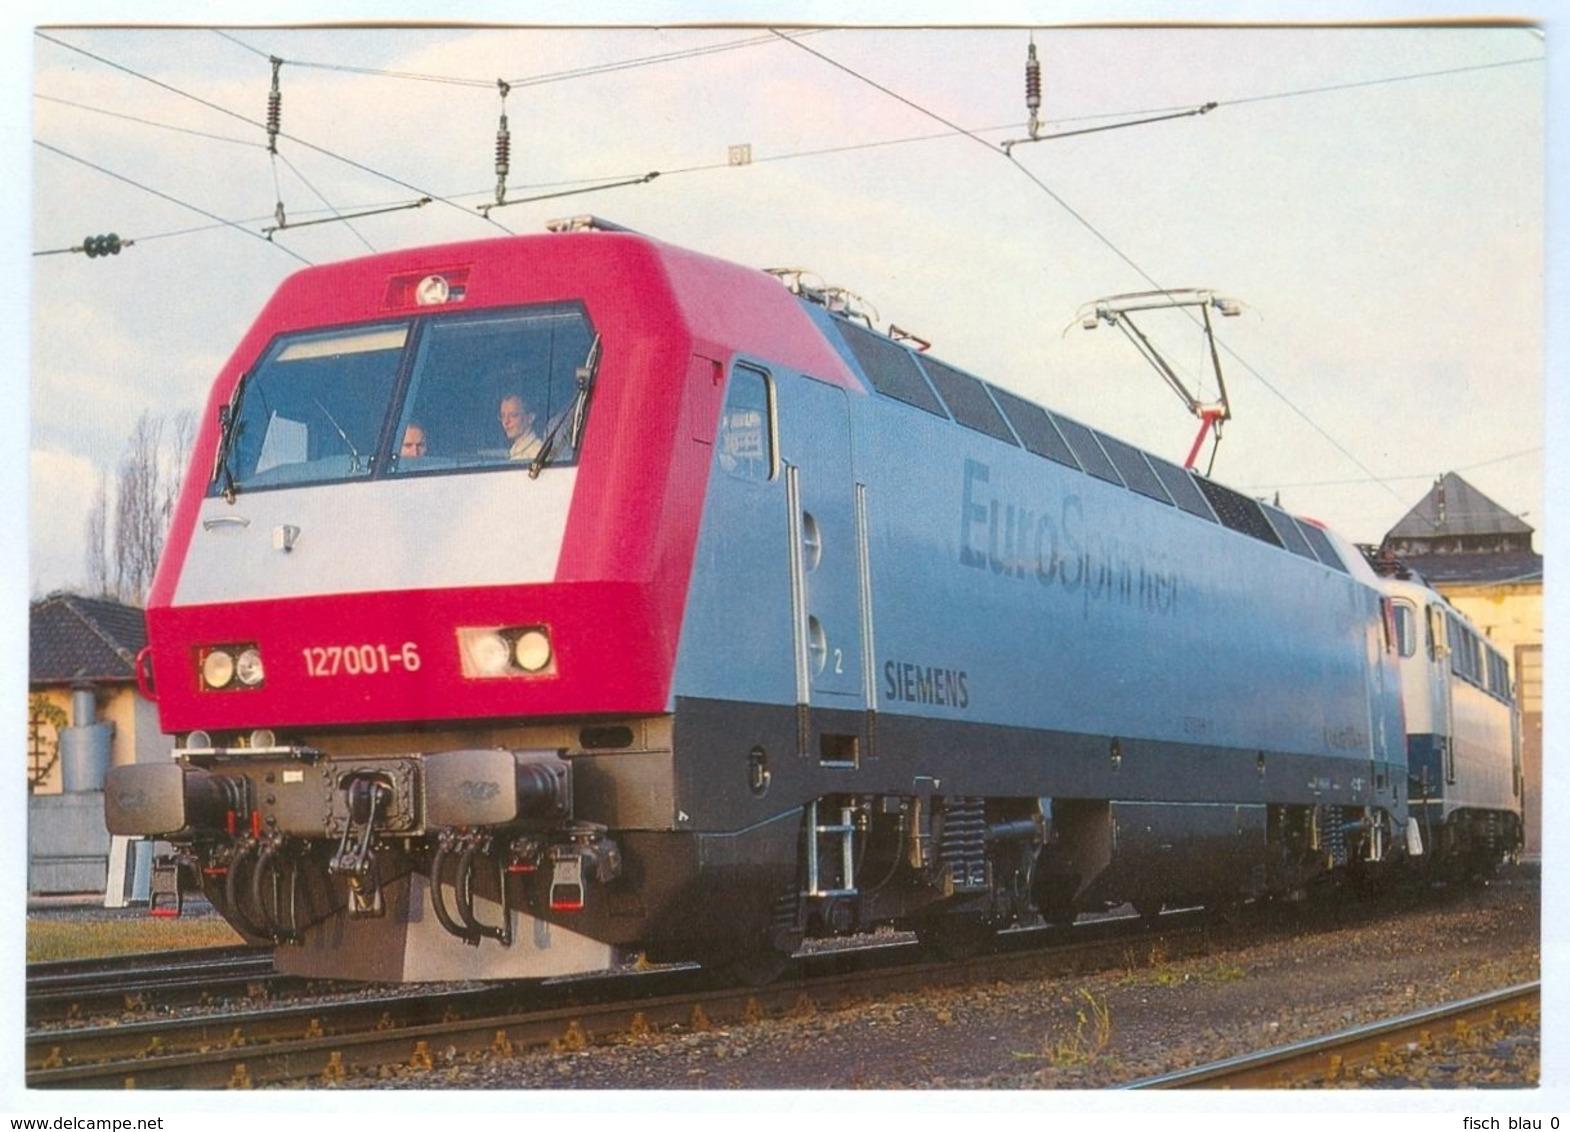 AK Eisenbahn Nürnberg Elektro-Versuchslok 127-001-6 EuroSprinter 1992 REIJU Colorkarte DB Franken Deutschland - Treinen